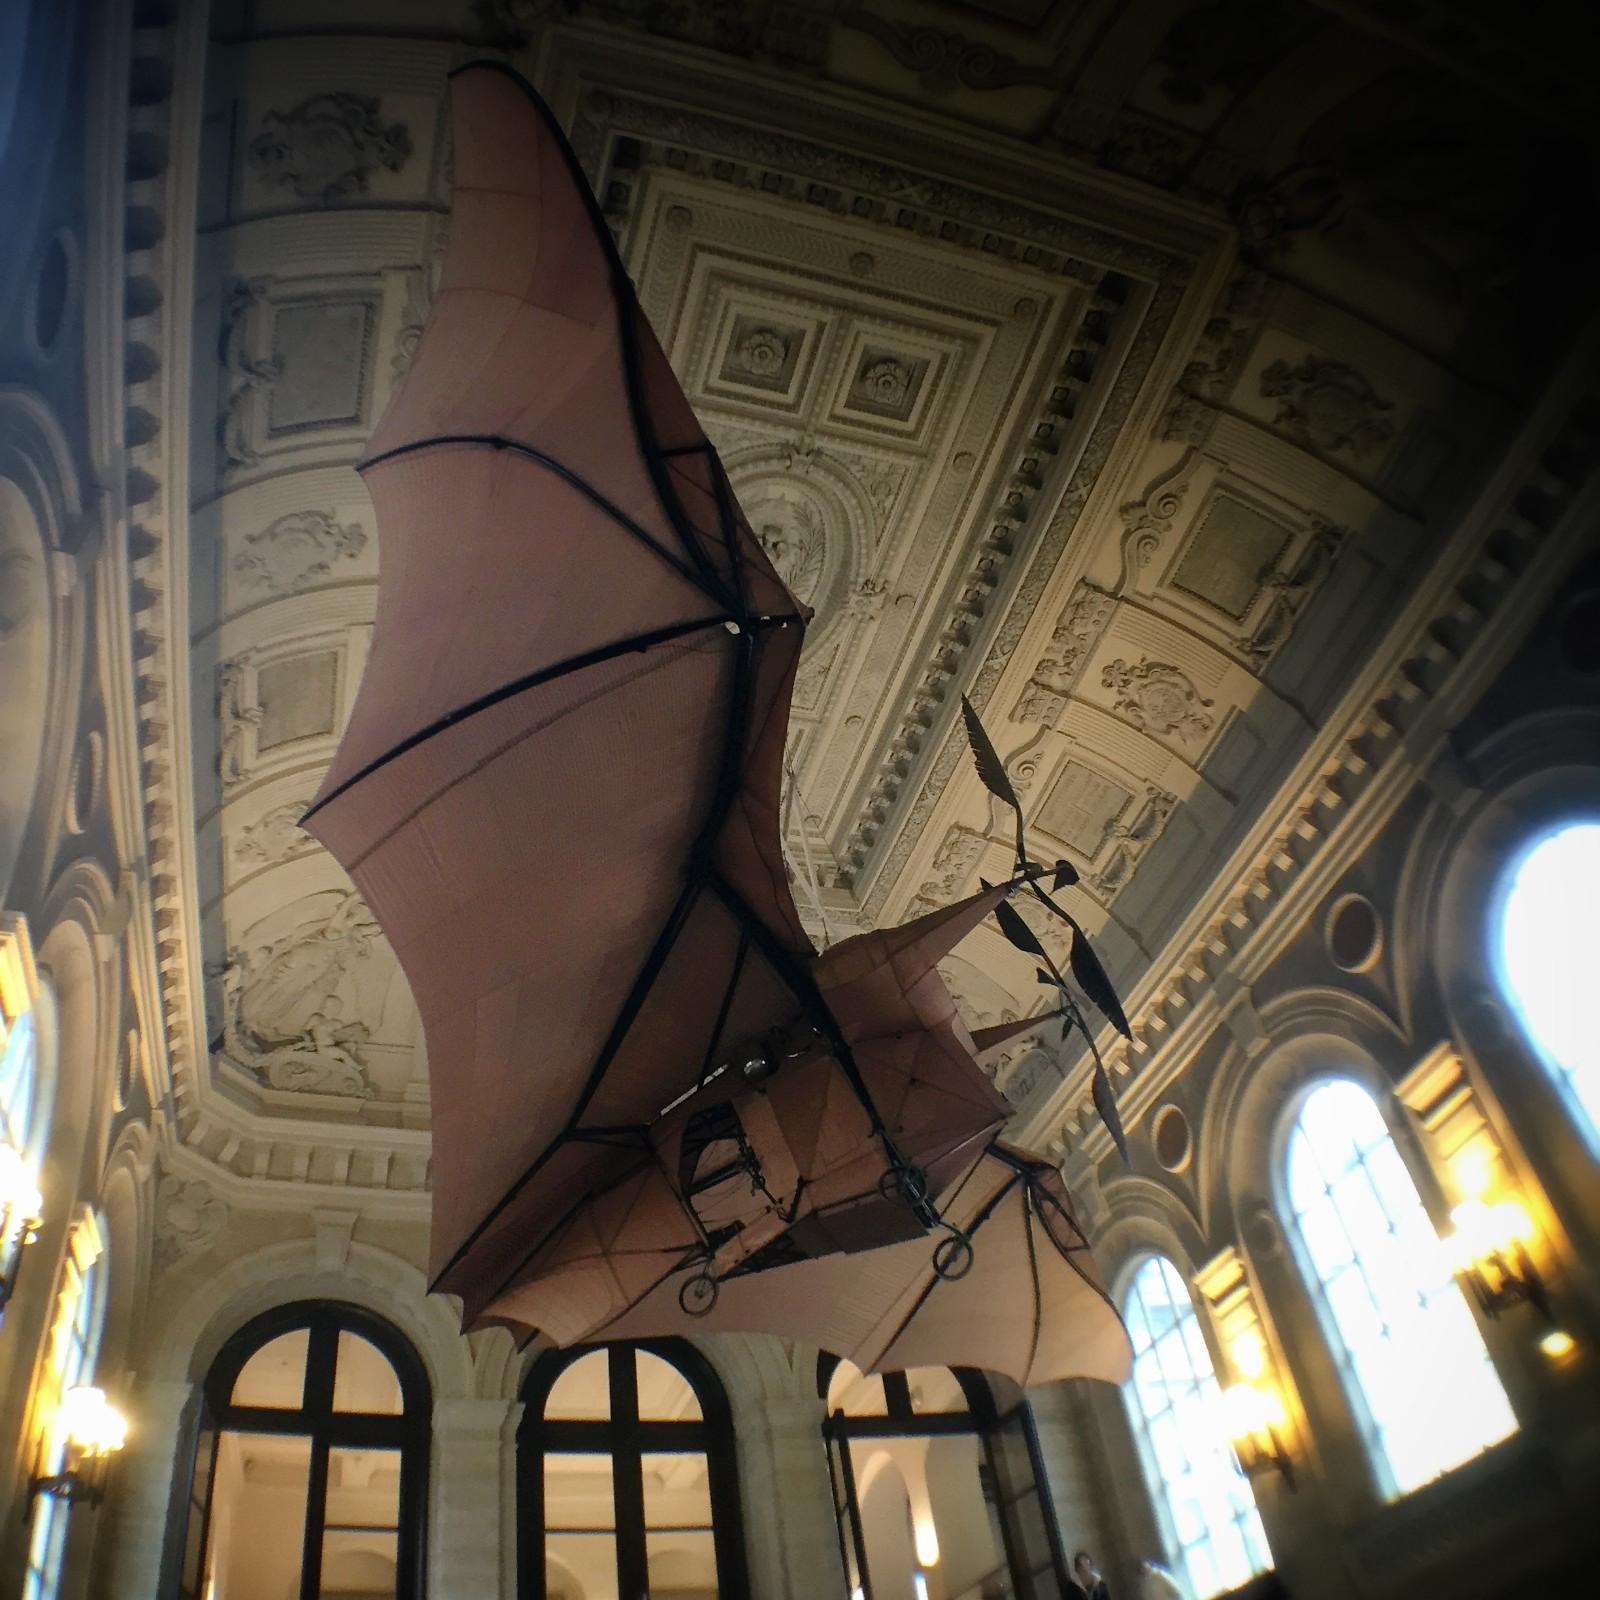 A bad flying machine at Musée des Arts et Métiers